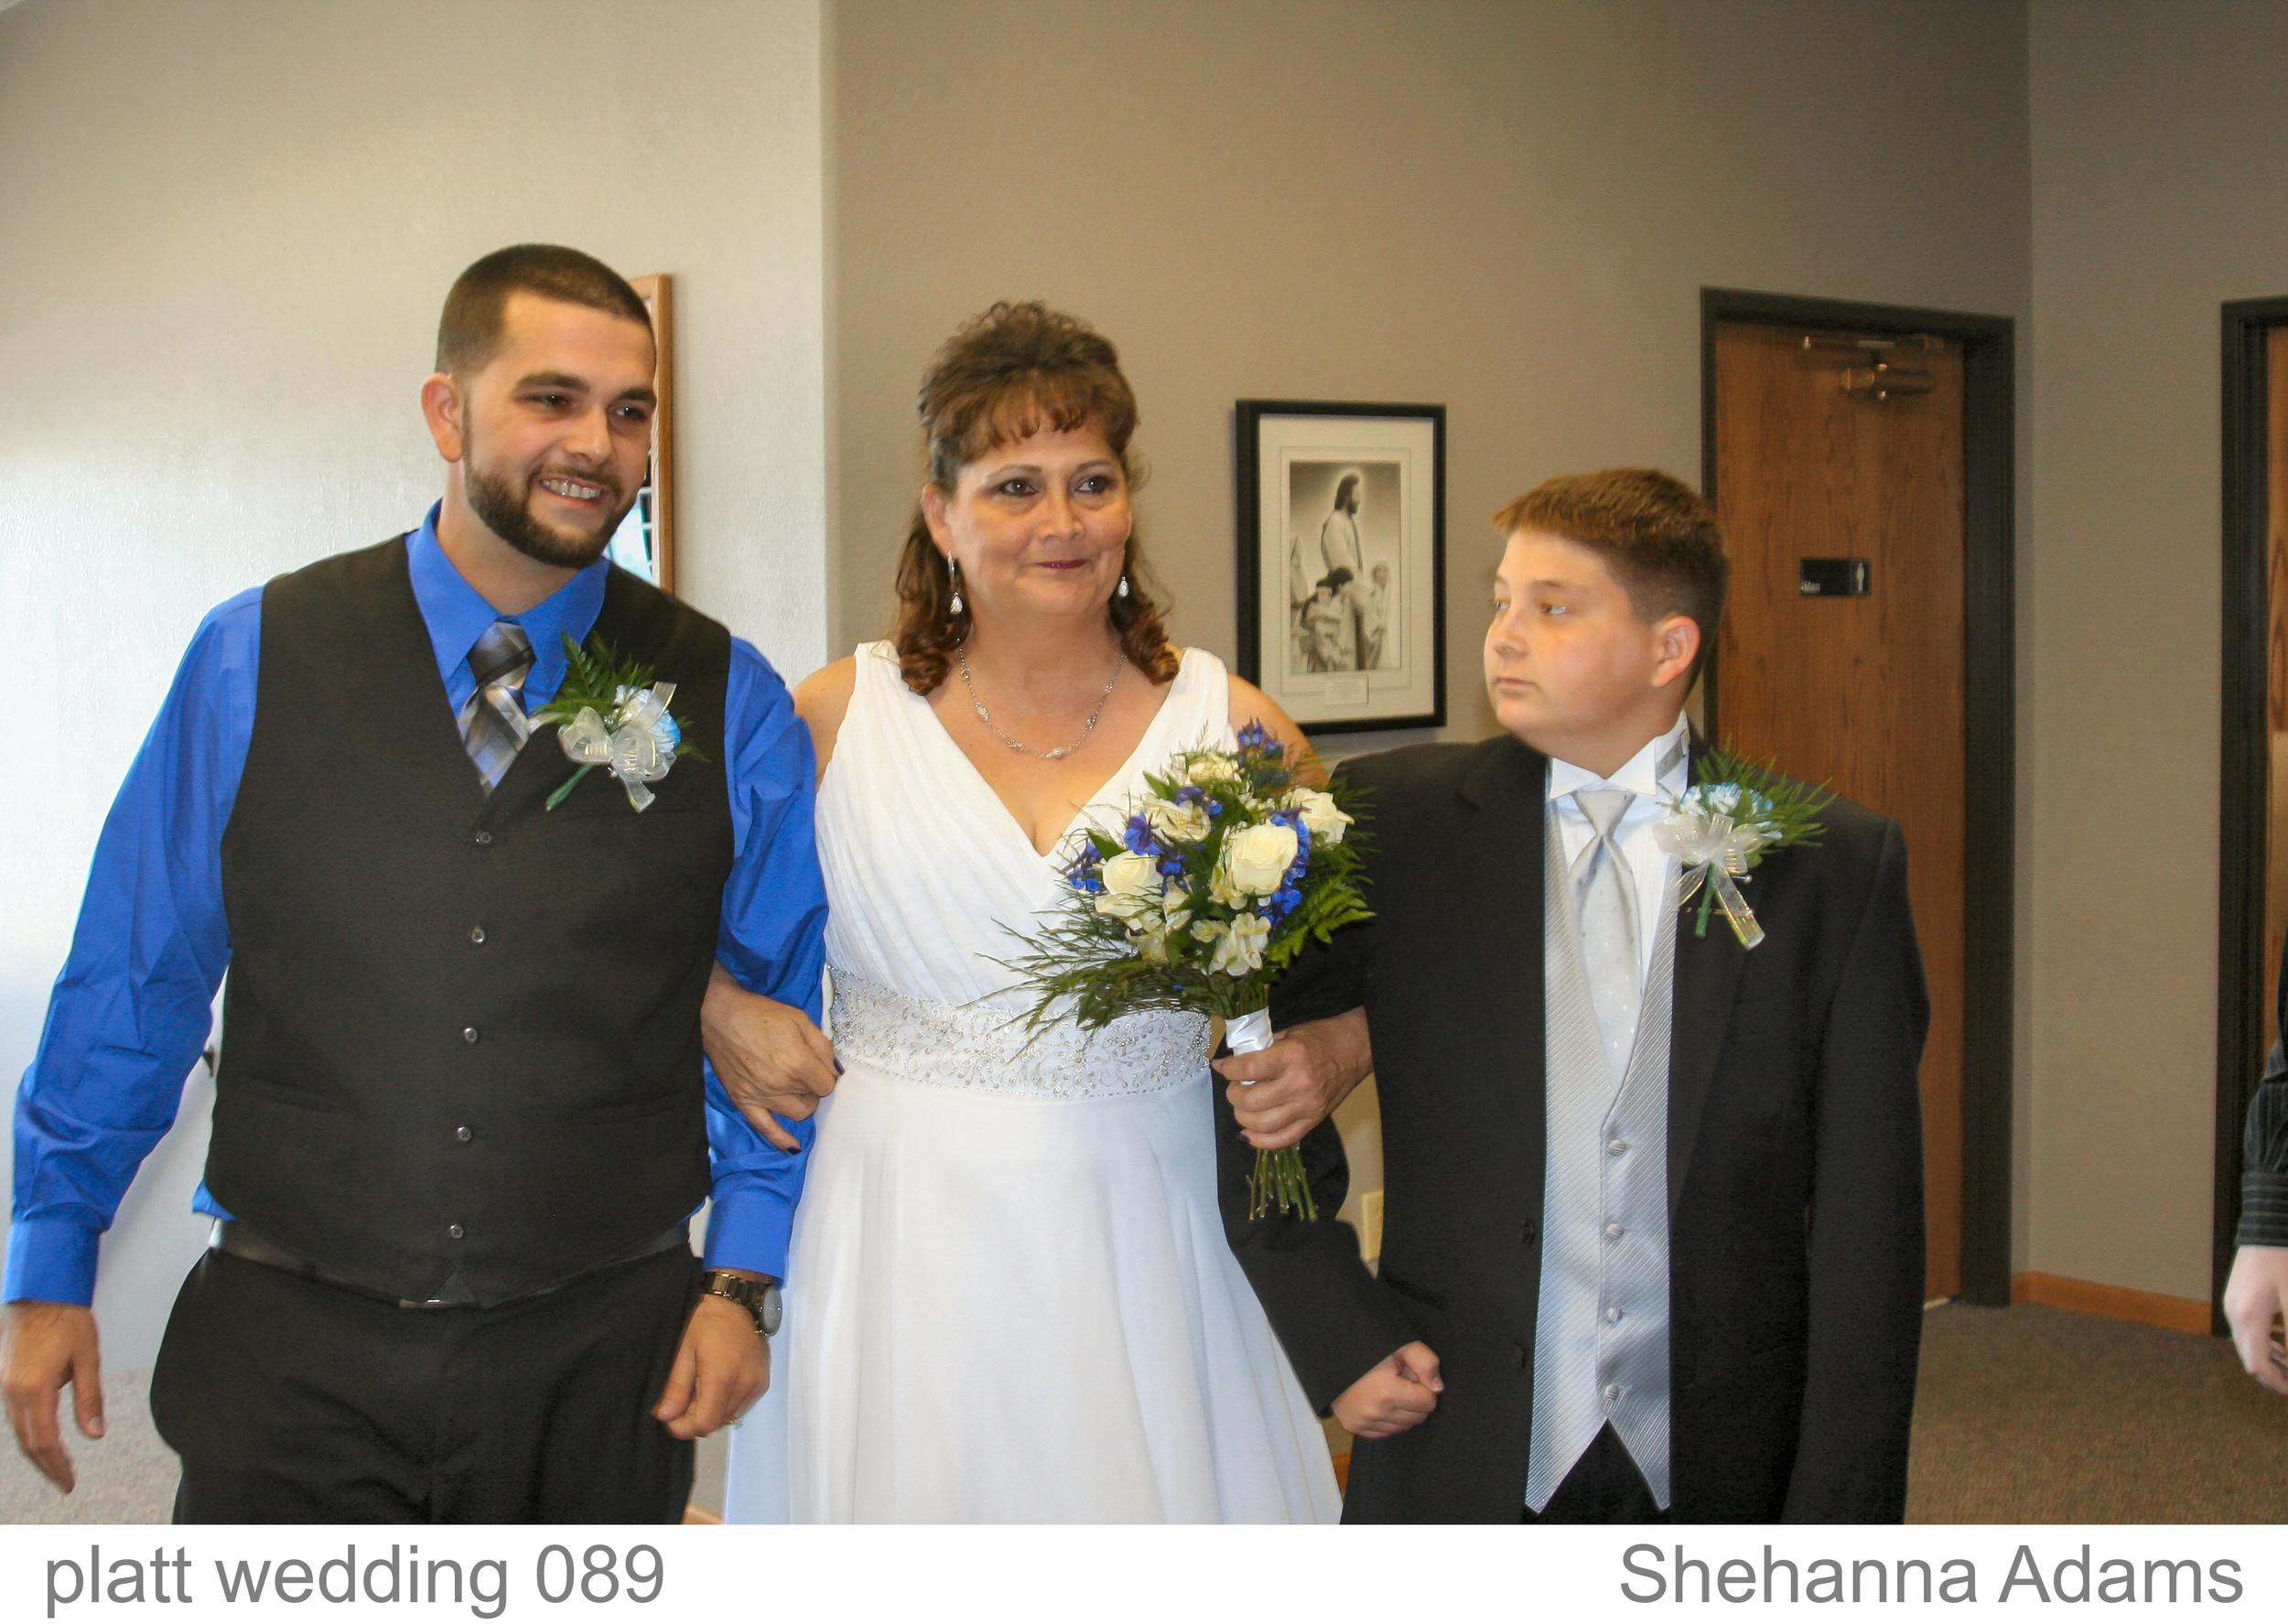 platt wedding 089.jpg